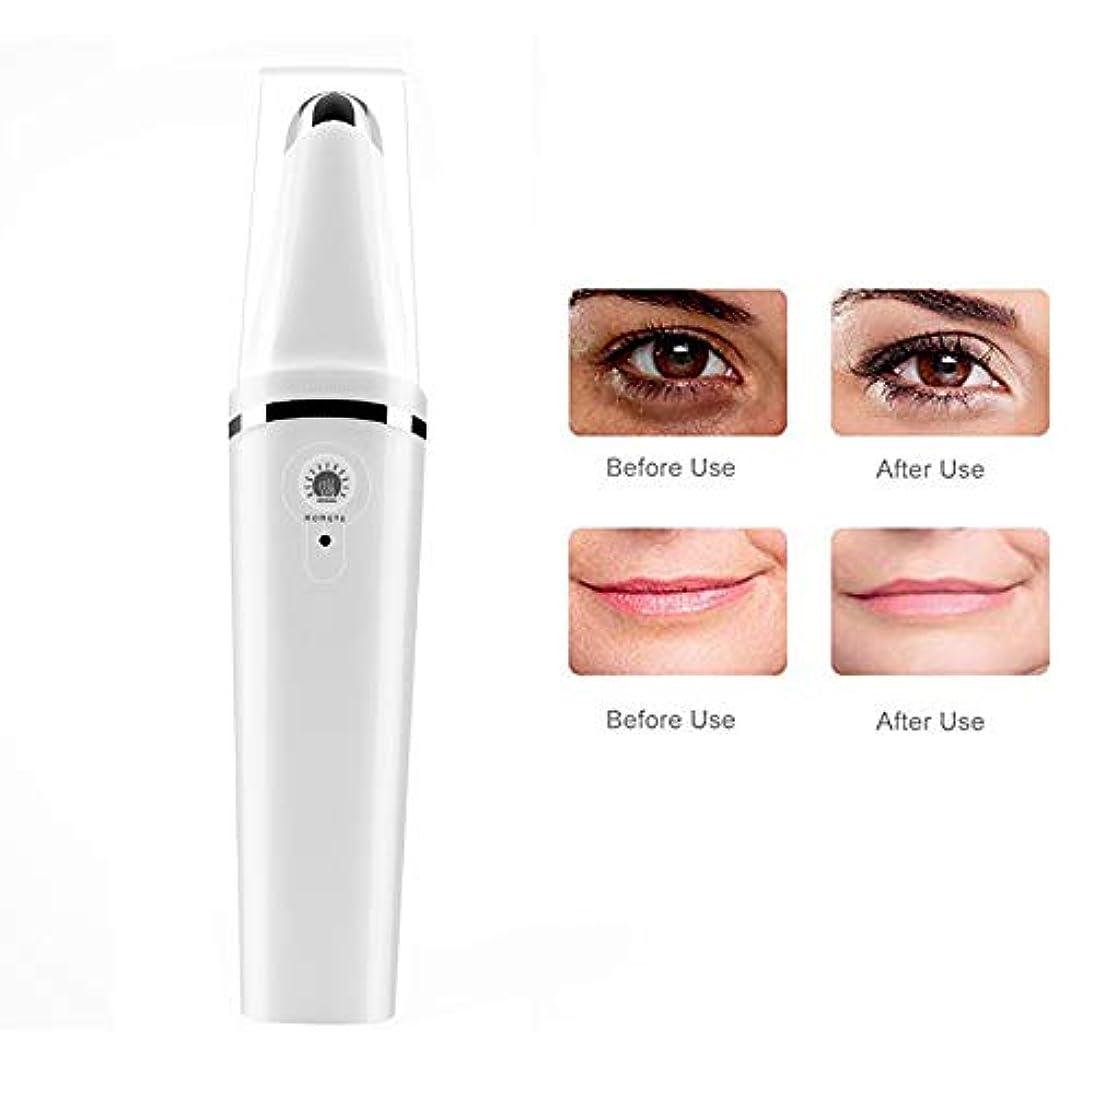 誰でもスロー眩惑する美しい目の美しさ唇楽器高周波振動ホワイト家庭用フェードアイバッグダークサークルイオン美容インポート楽器usb充電アイメーター